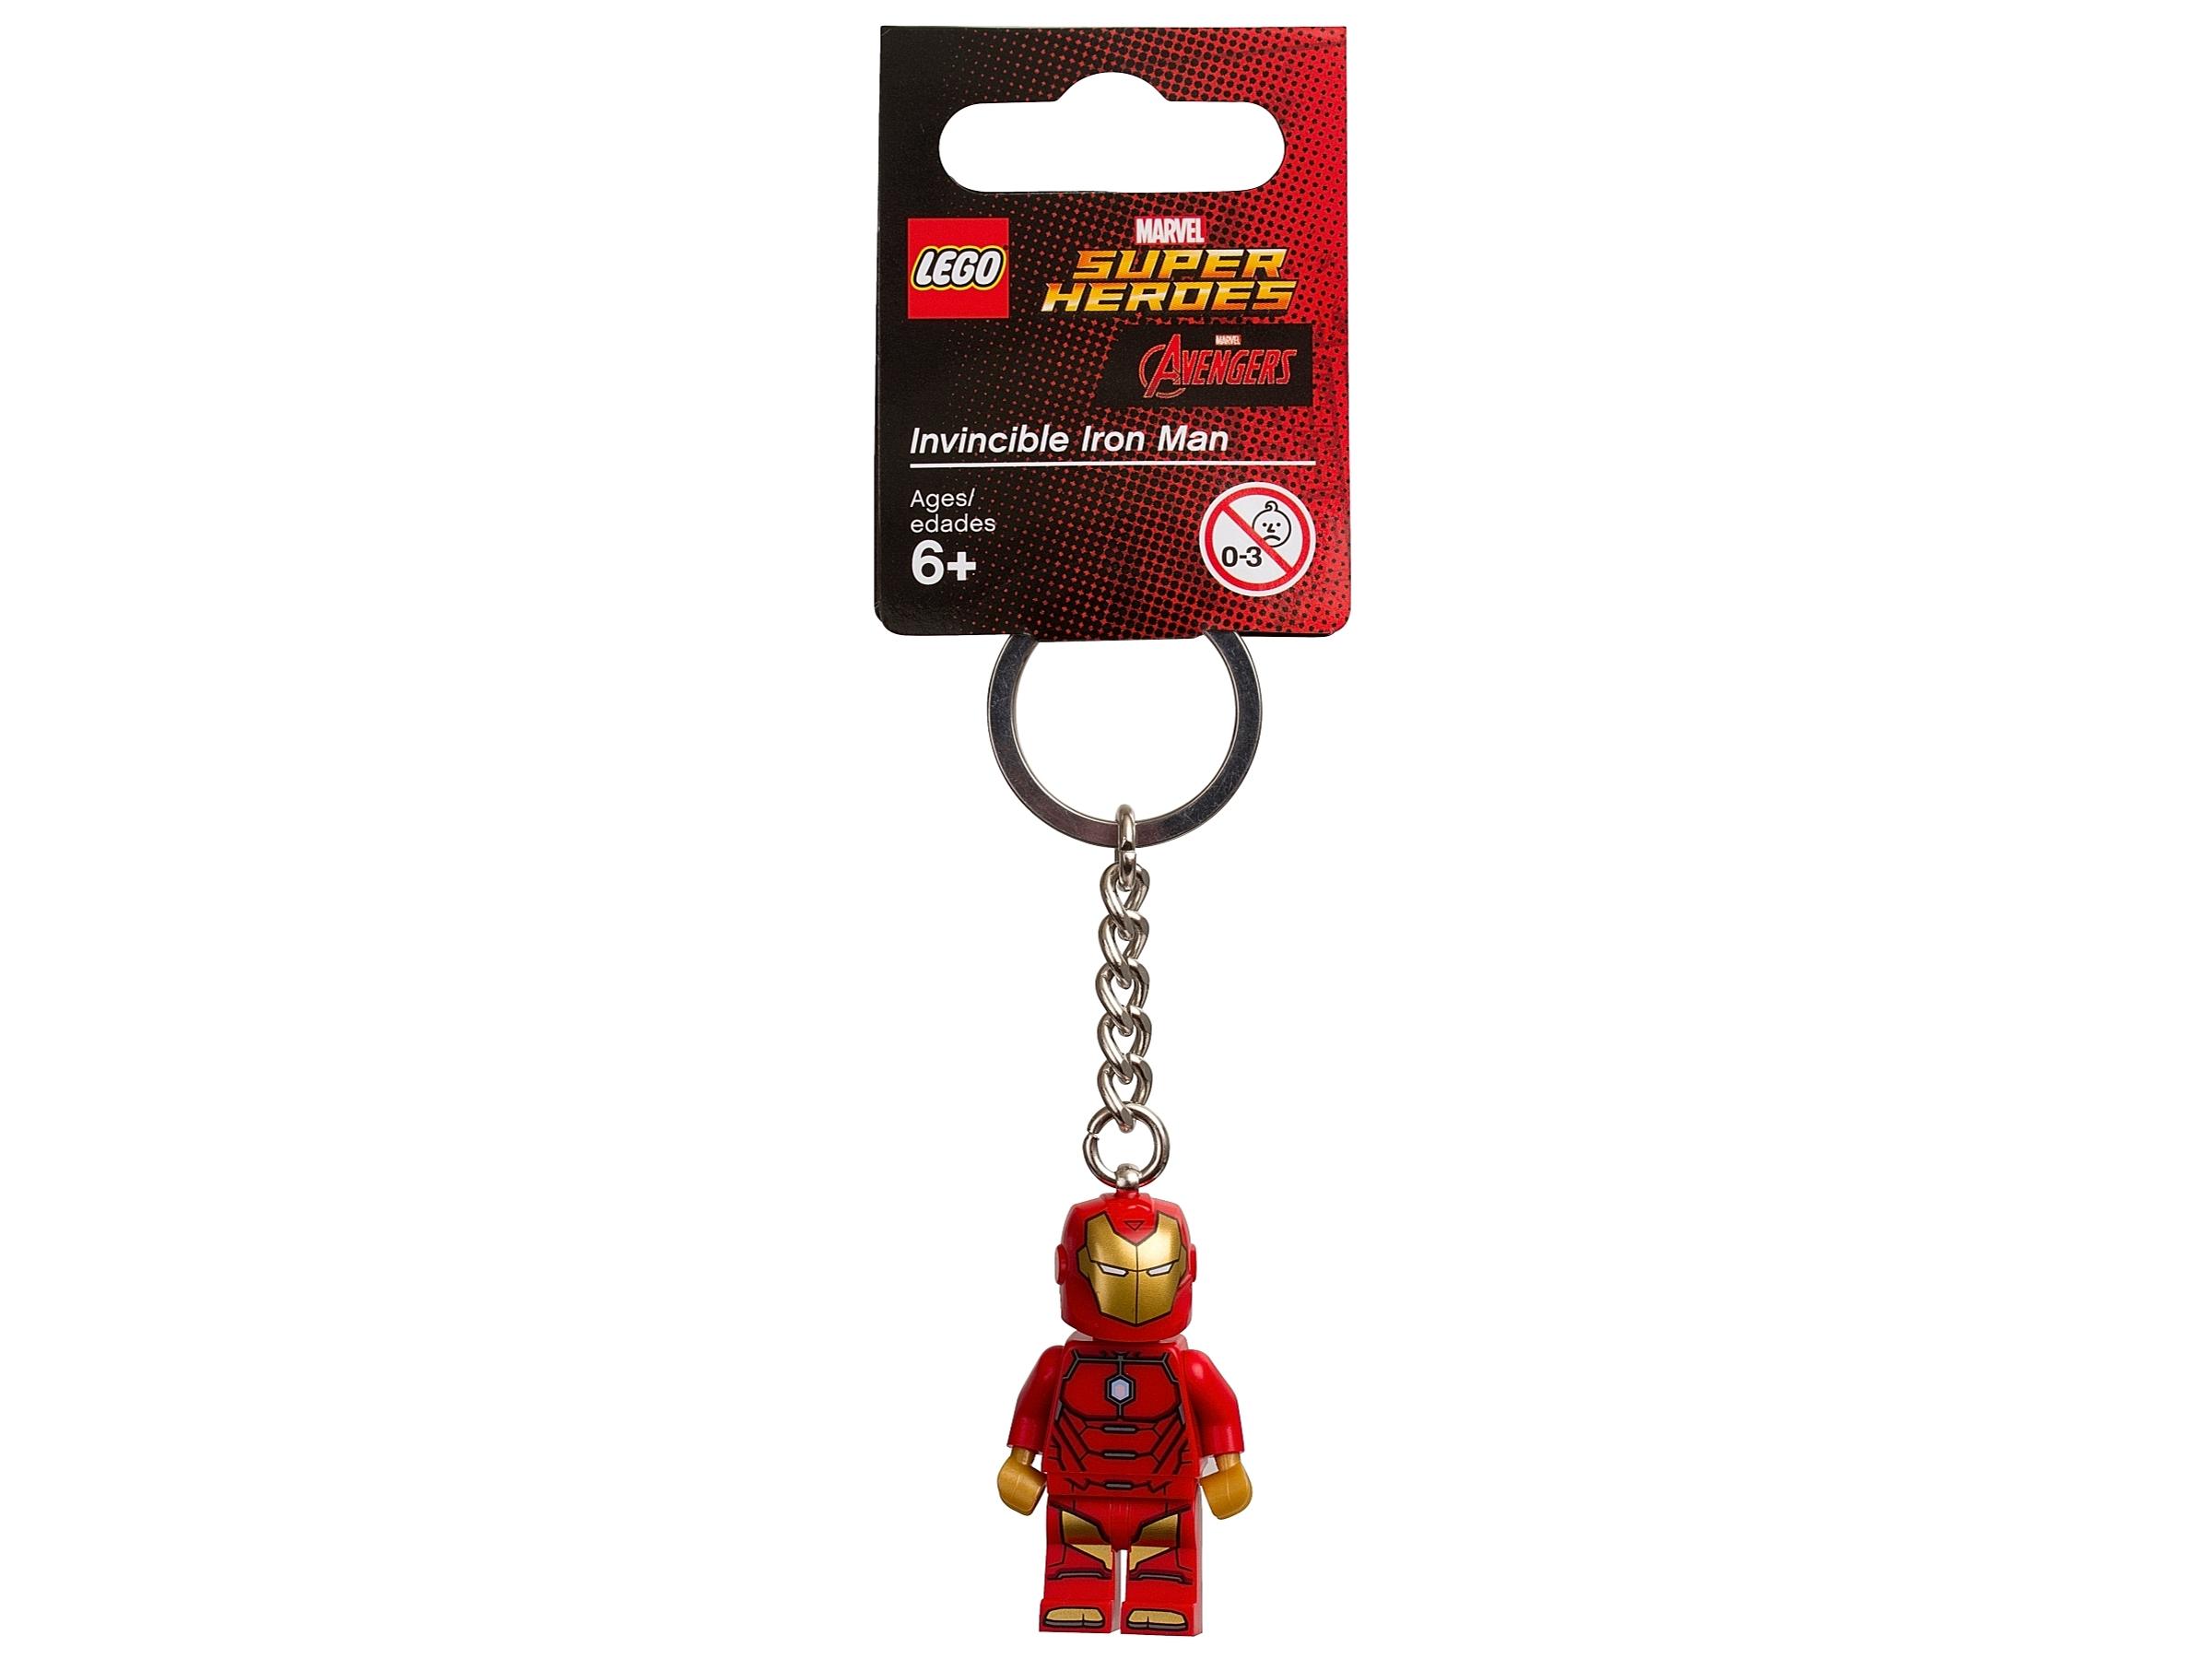 lego 853706 superbohaterowie marvela breloczek z niezniszczalnym iron manem